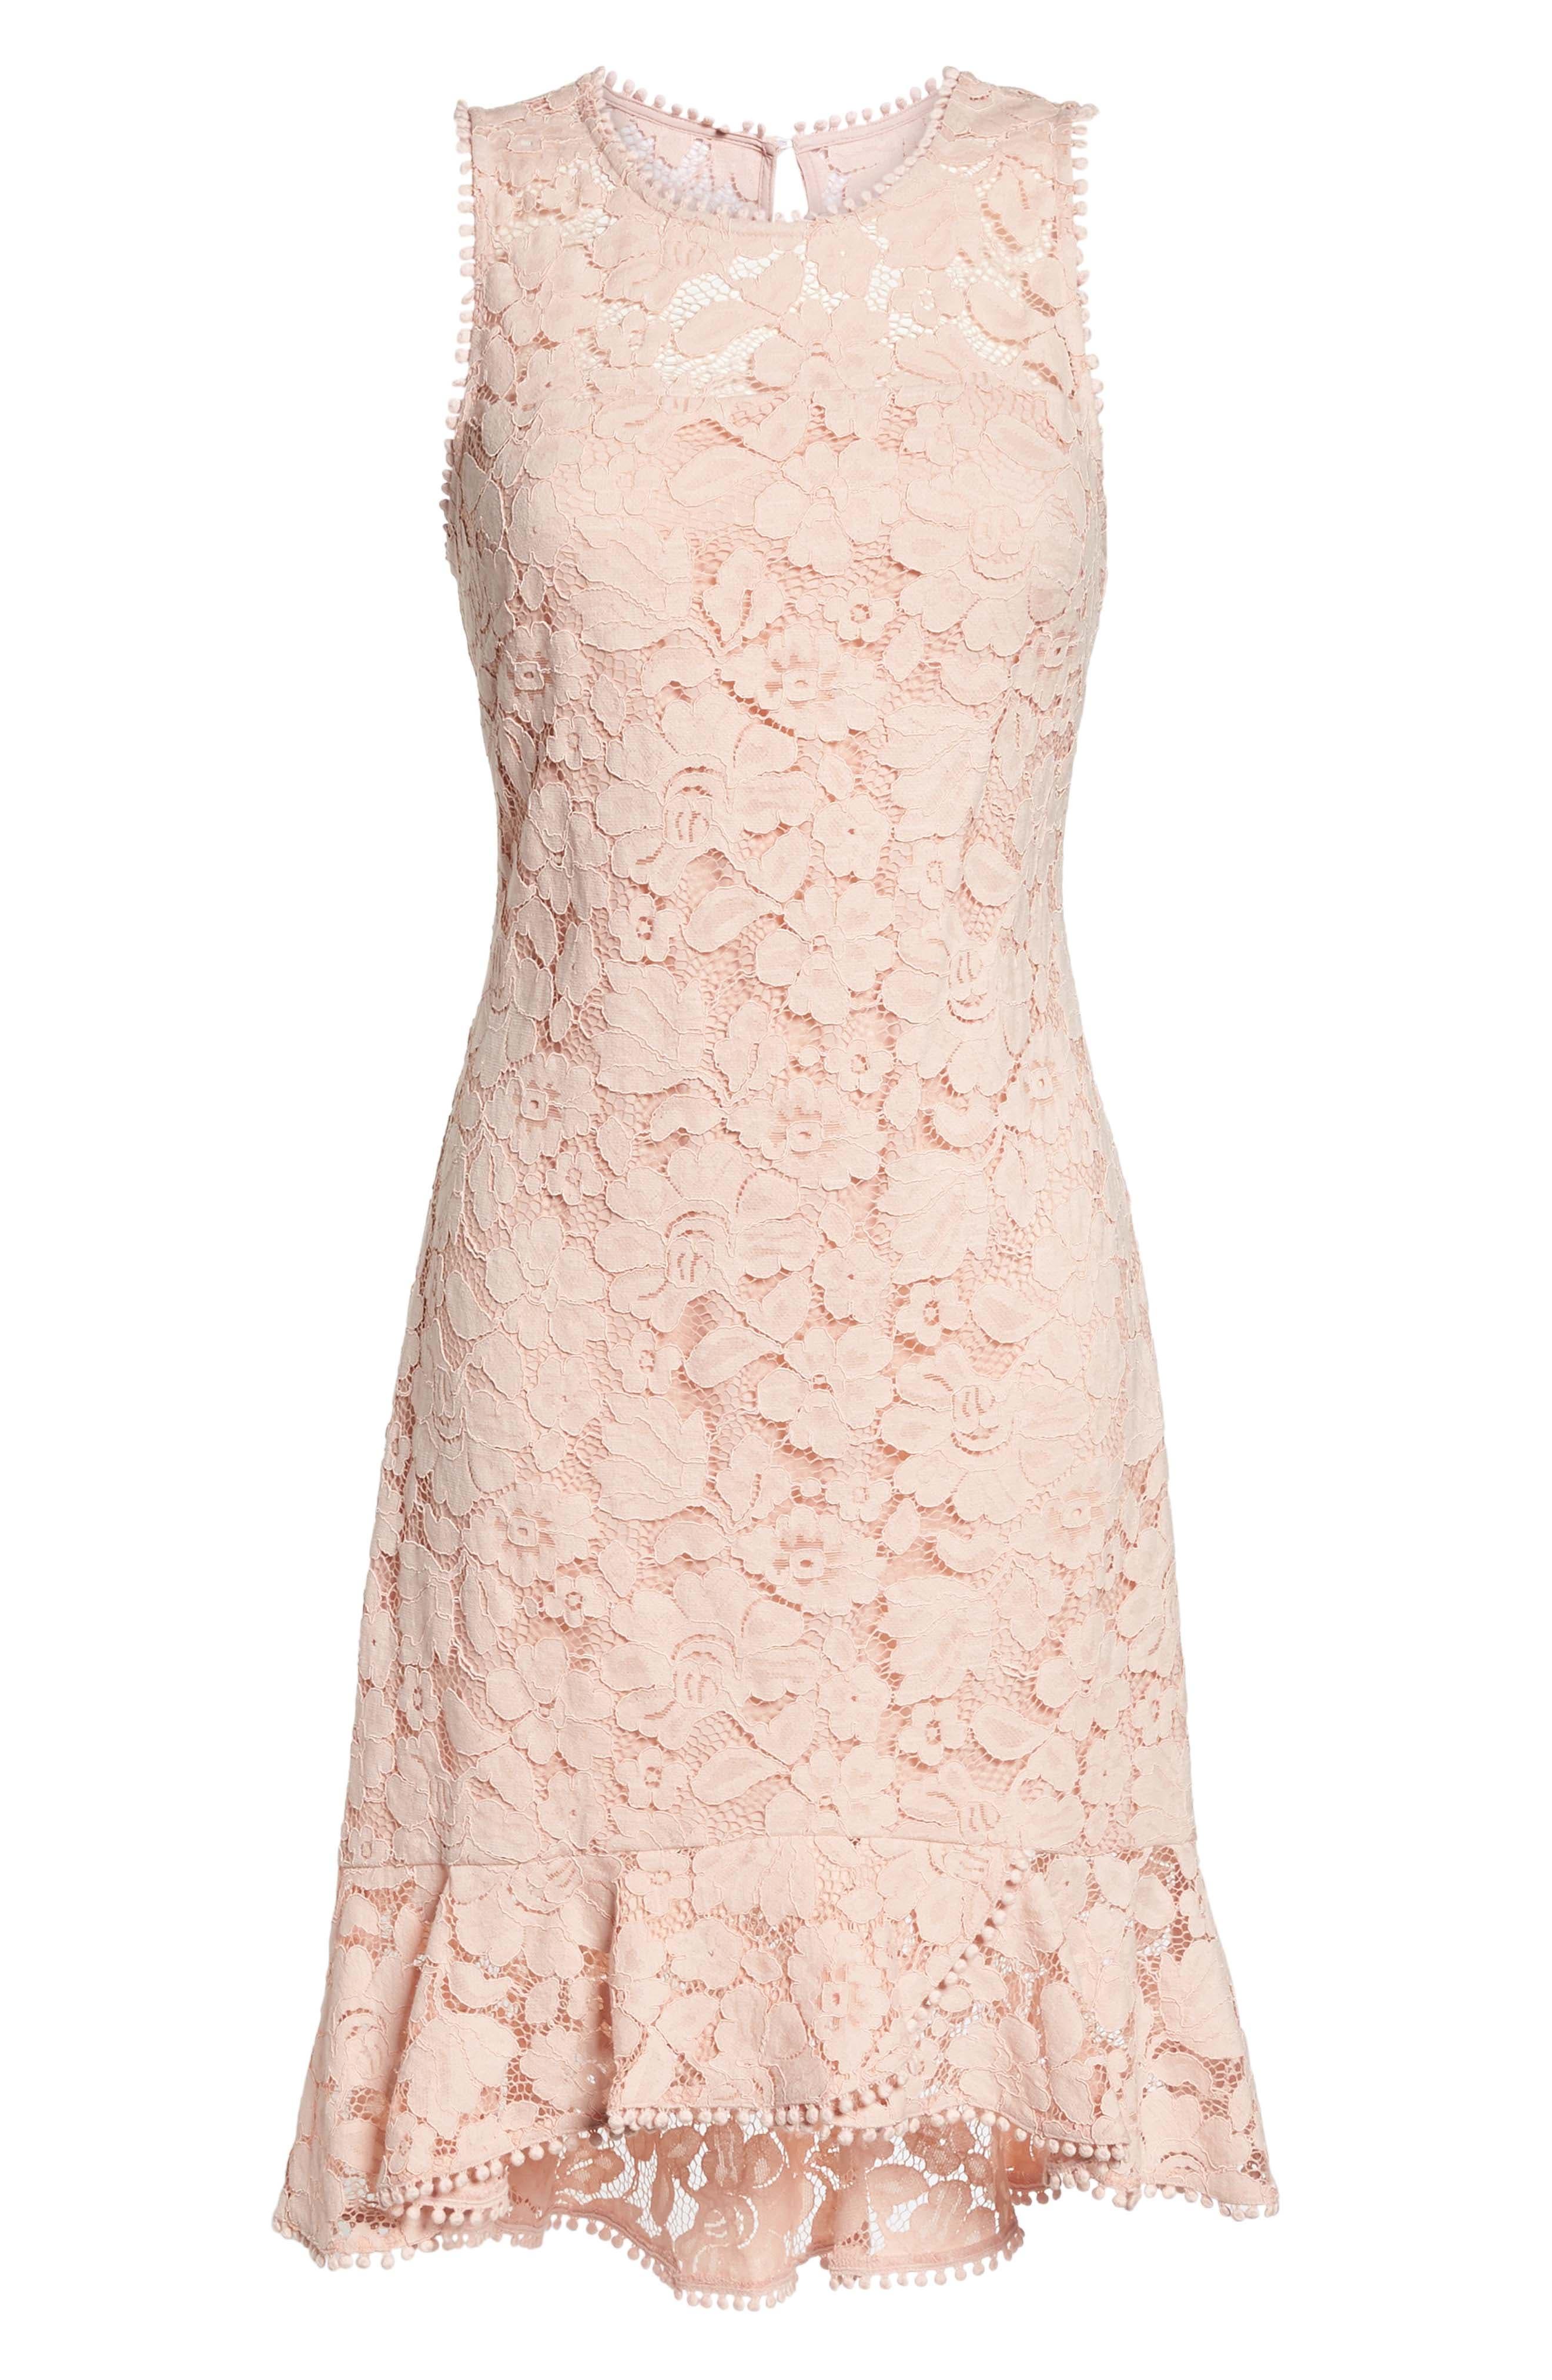 Sleeveless Lace Sheath Dress,                             Alternate thumbnail 7, color,                             Blush